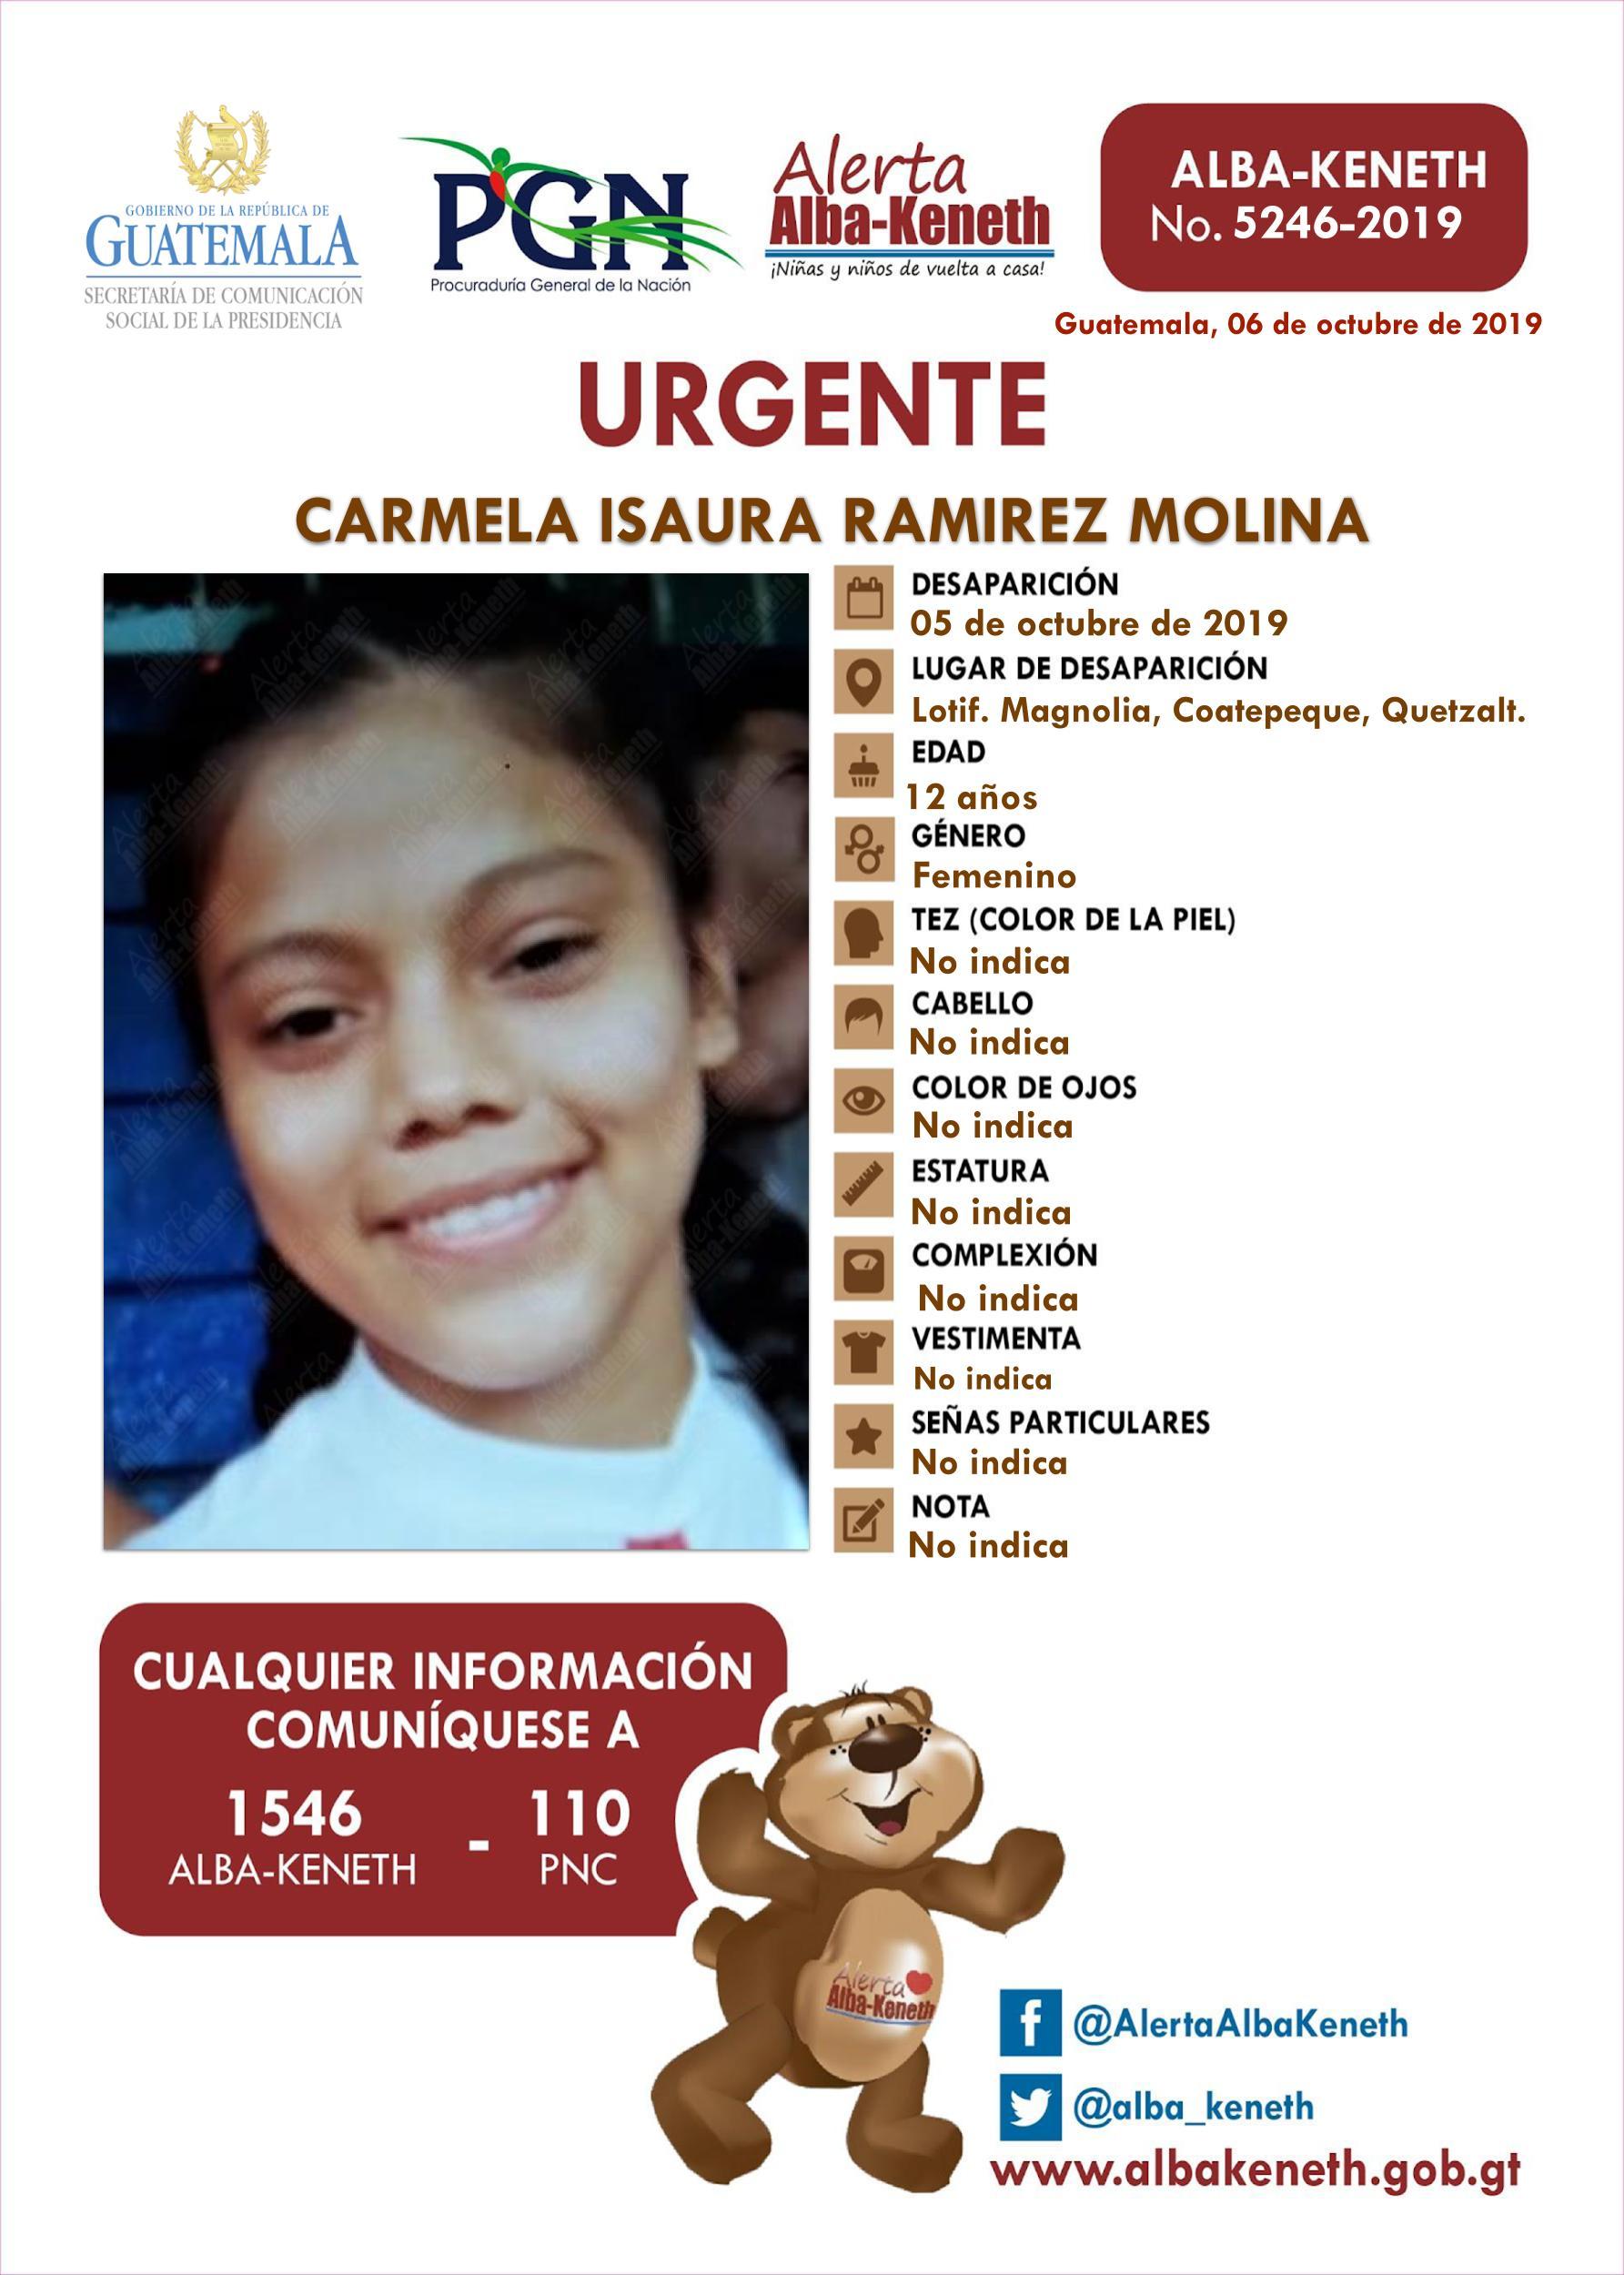 Carmela Isaura Ramirez Molina